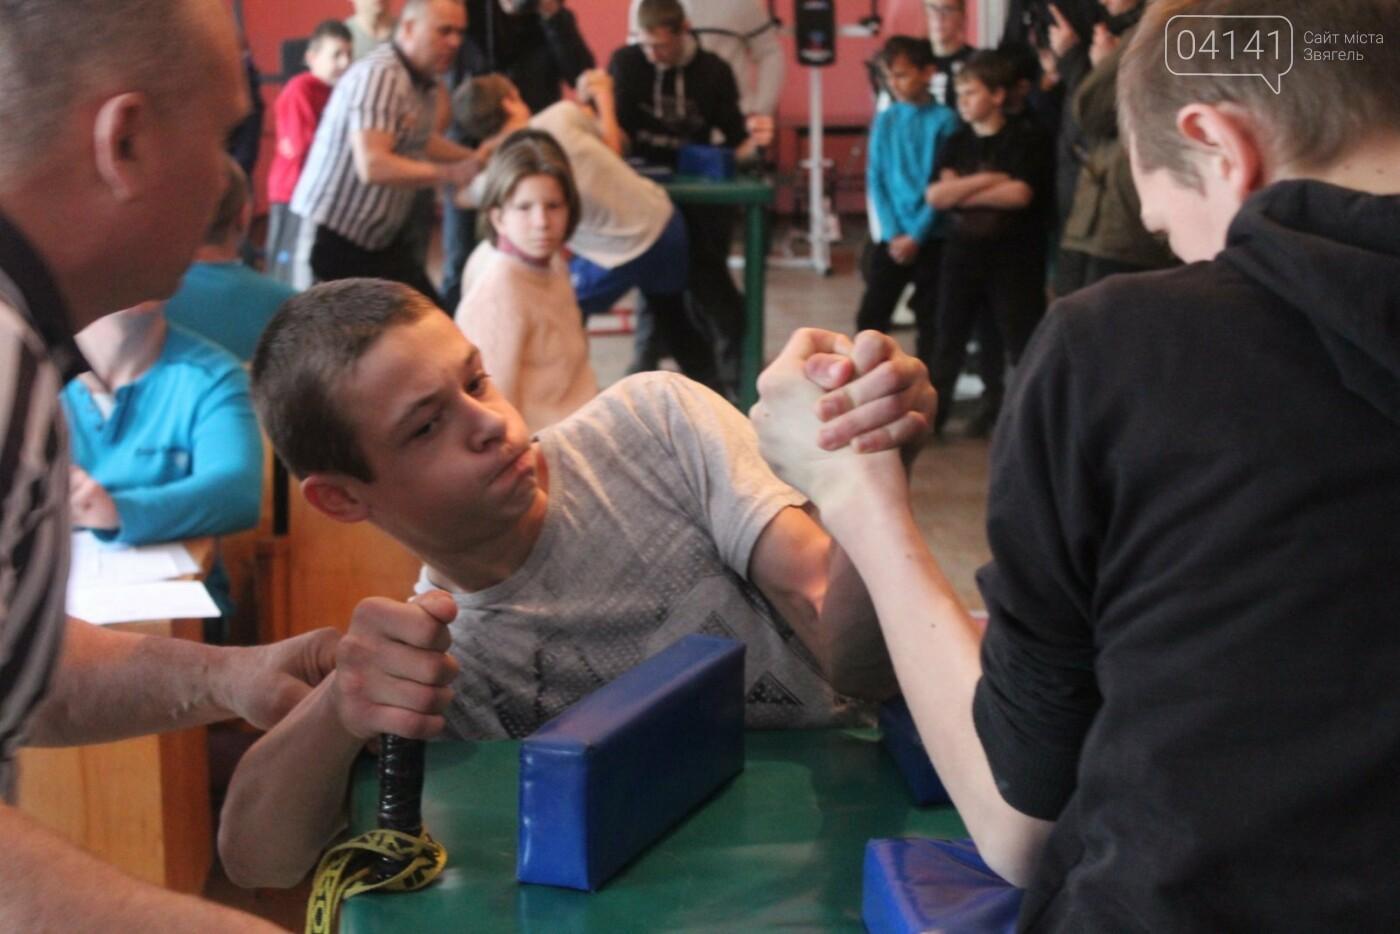 Як у Новограді проходив чемпіонат з армспорту серед людей з інвалідністю (ФОТО, ВІДЕО), фото-5